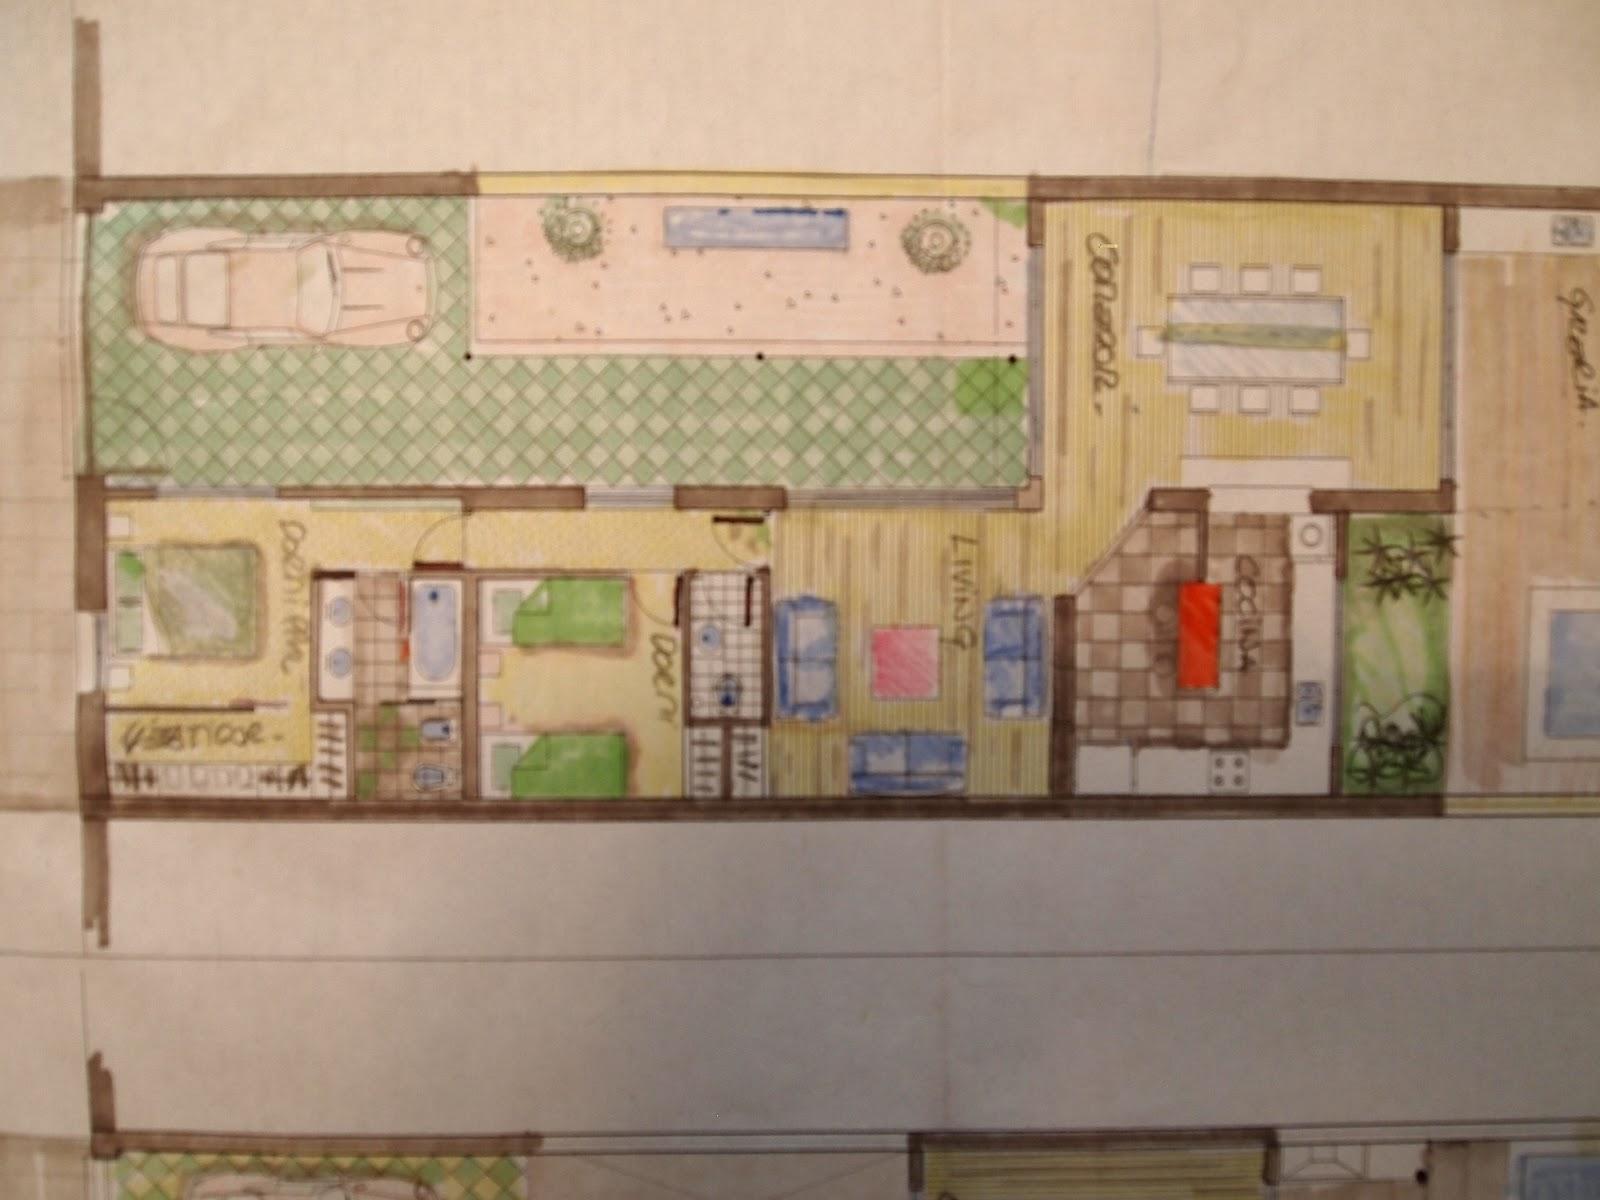 Arquitectura a tu medida casa chorizo ideas de - Como reformar tu casa ...